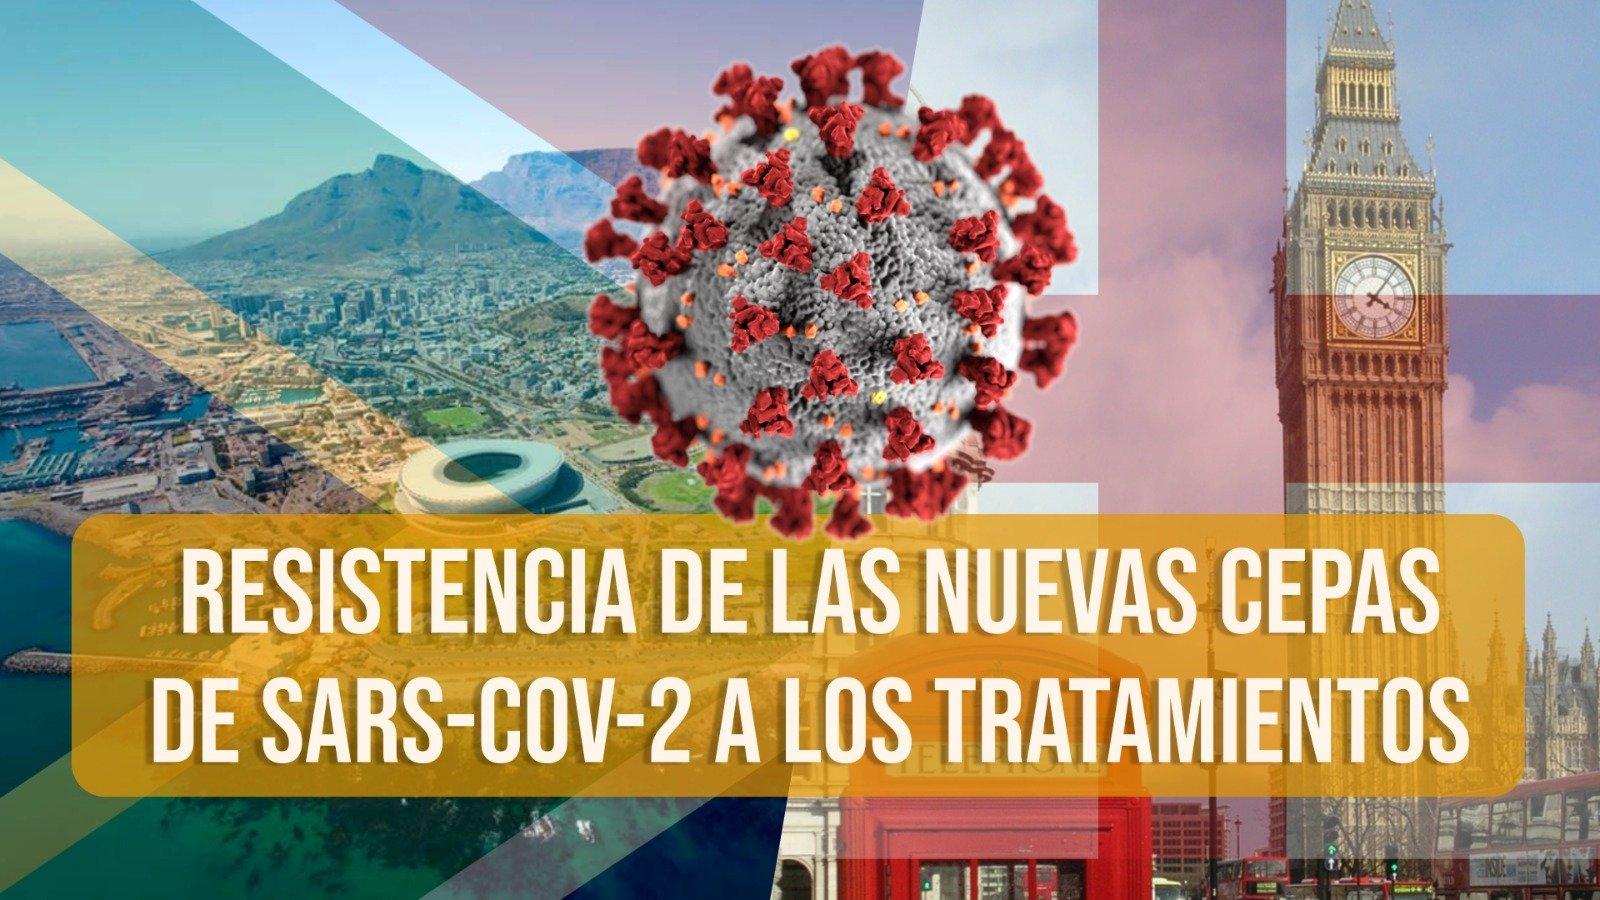 Resistencia del virus sars-cov-2 a las terapias de vacunas y anticuerpos